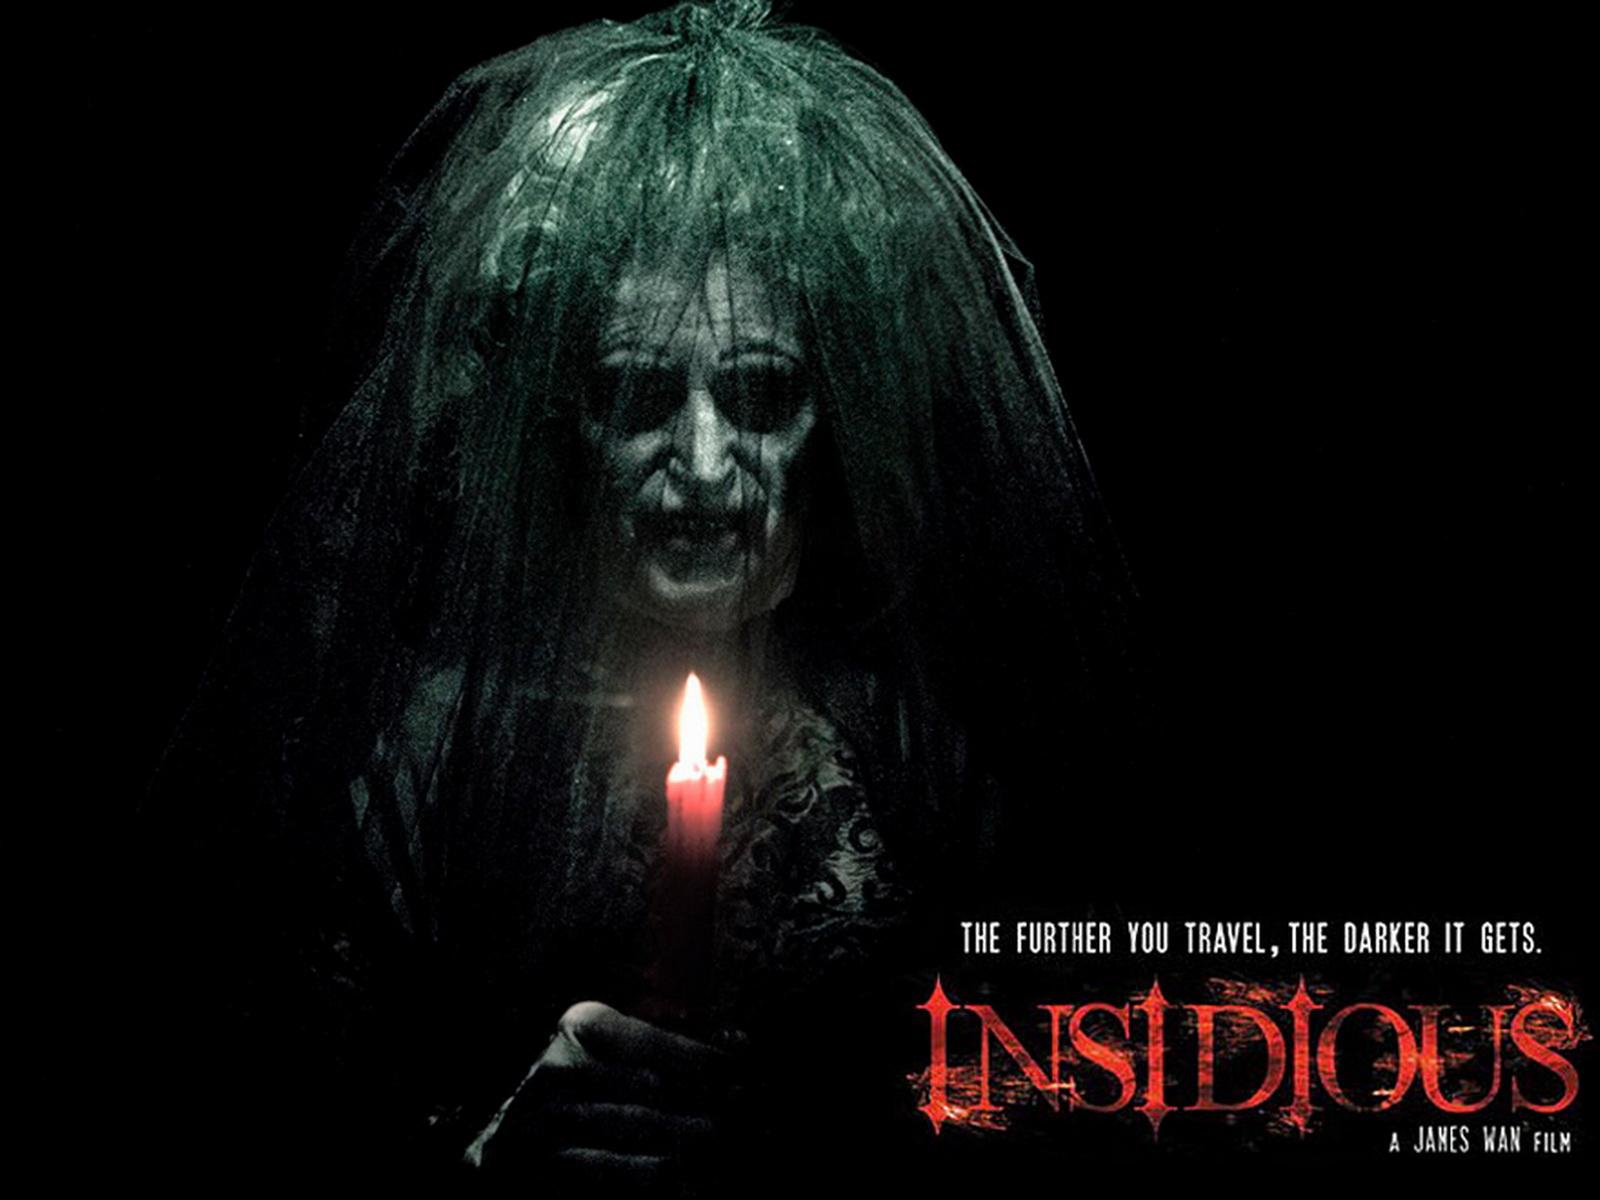 http://4.bp.blogspot.com/-txnc-RYvXks/TdUpn1_sDnI/AAAAAAAAB5s/hzPjtLb_2sw/s1600/Insidious-fear-wallpaper.jpeg